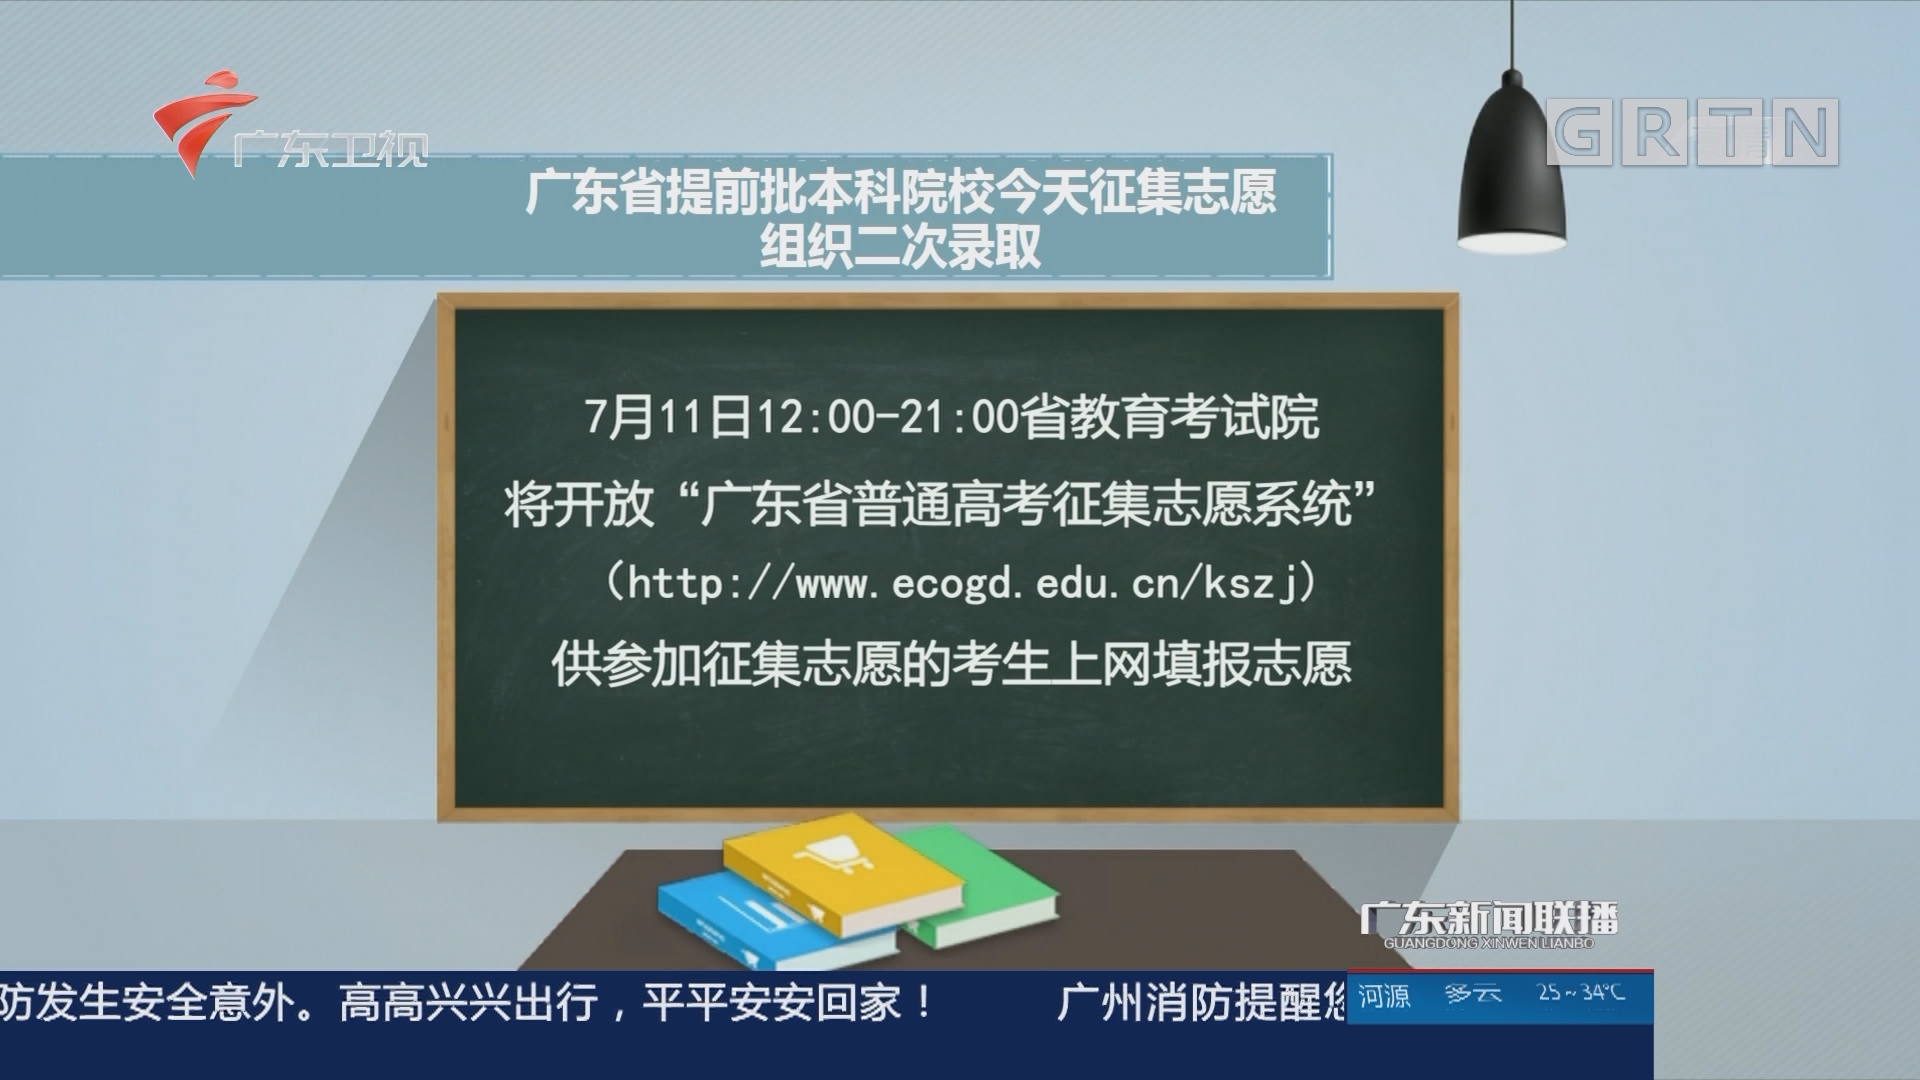 广东省提前批本科院校今天征集志愿组织二次录取